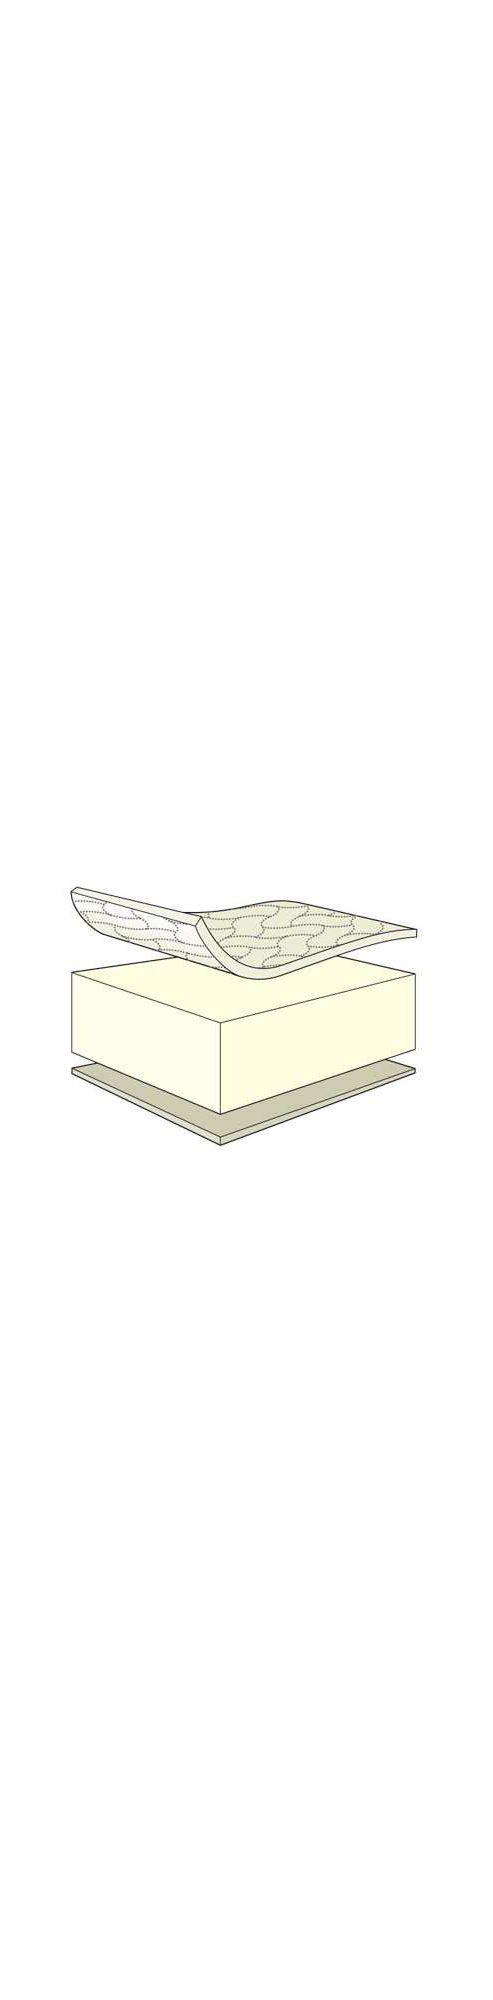 Mamas & Papas - Basic Foam Mattress - Size: 400 Cot/Bed